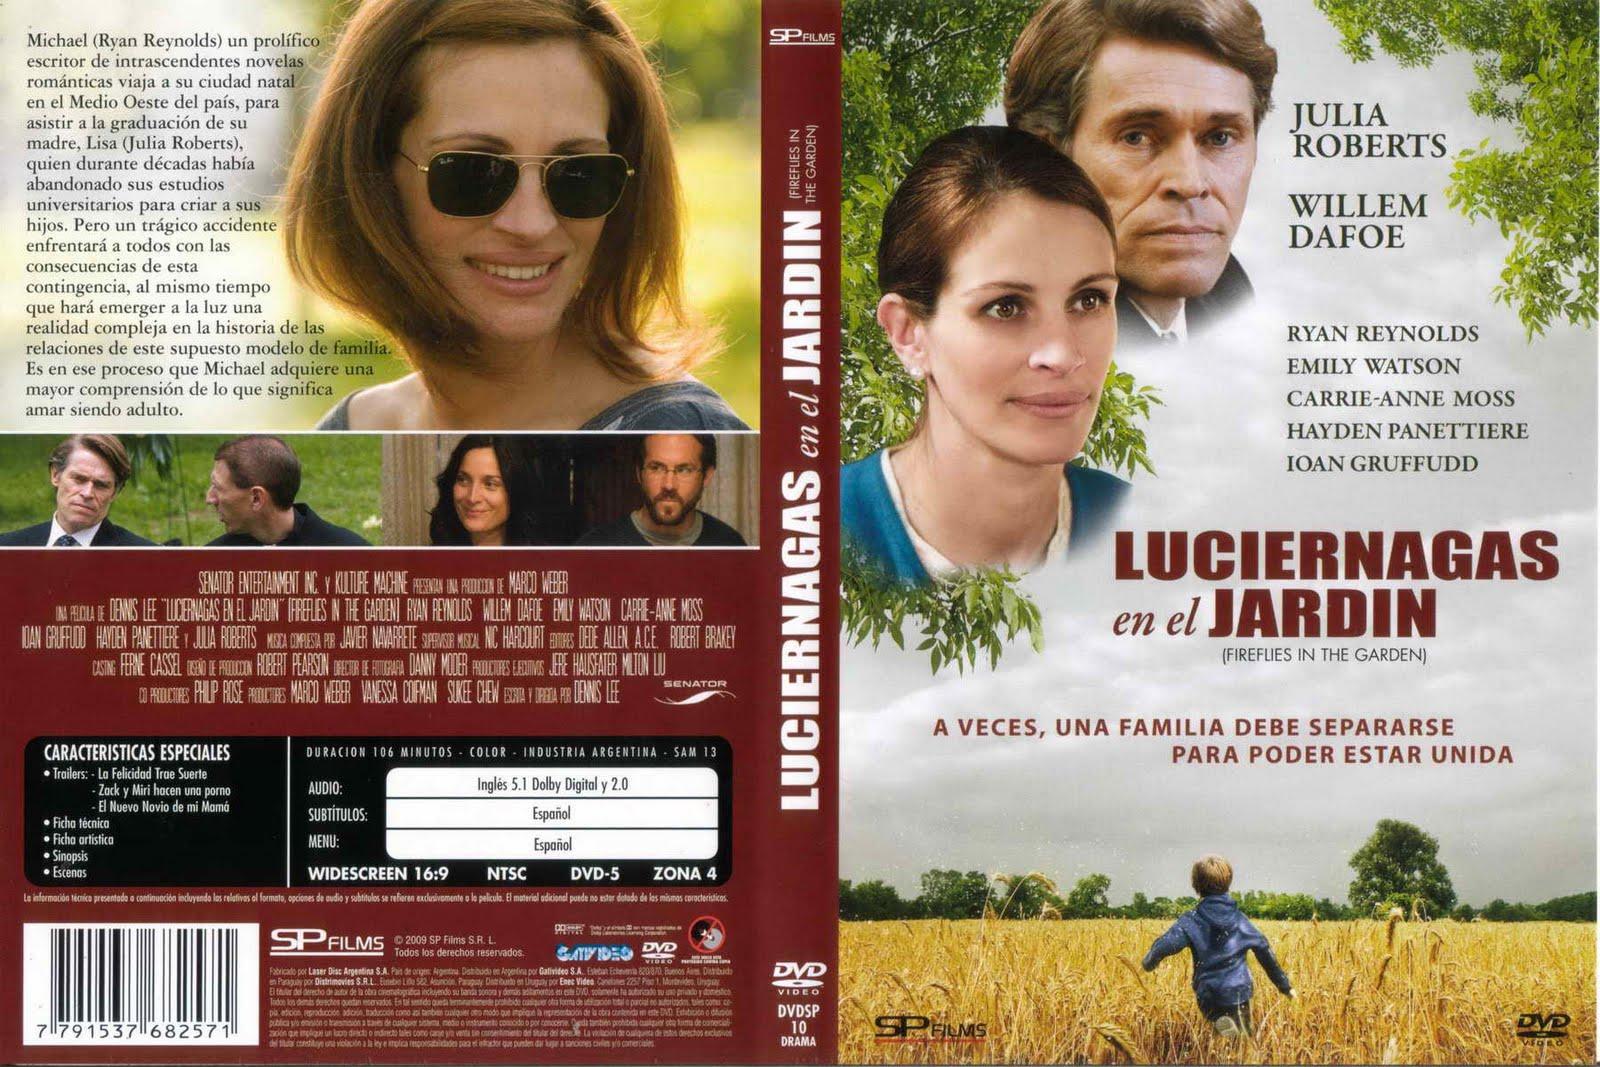 Mi cine luciernagas en el jardin for Luciernagas en el jardin libro